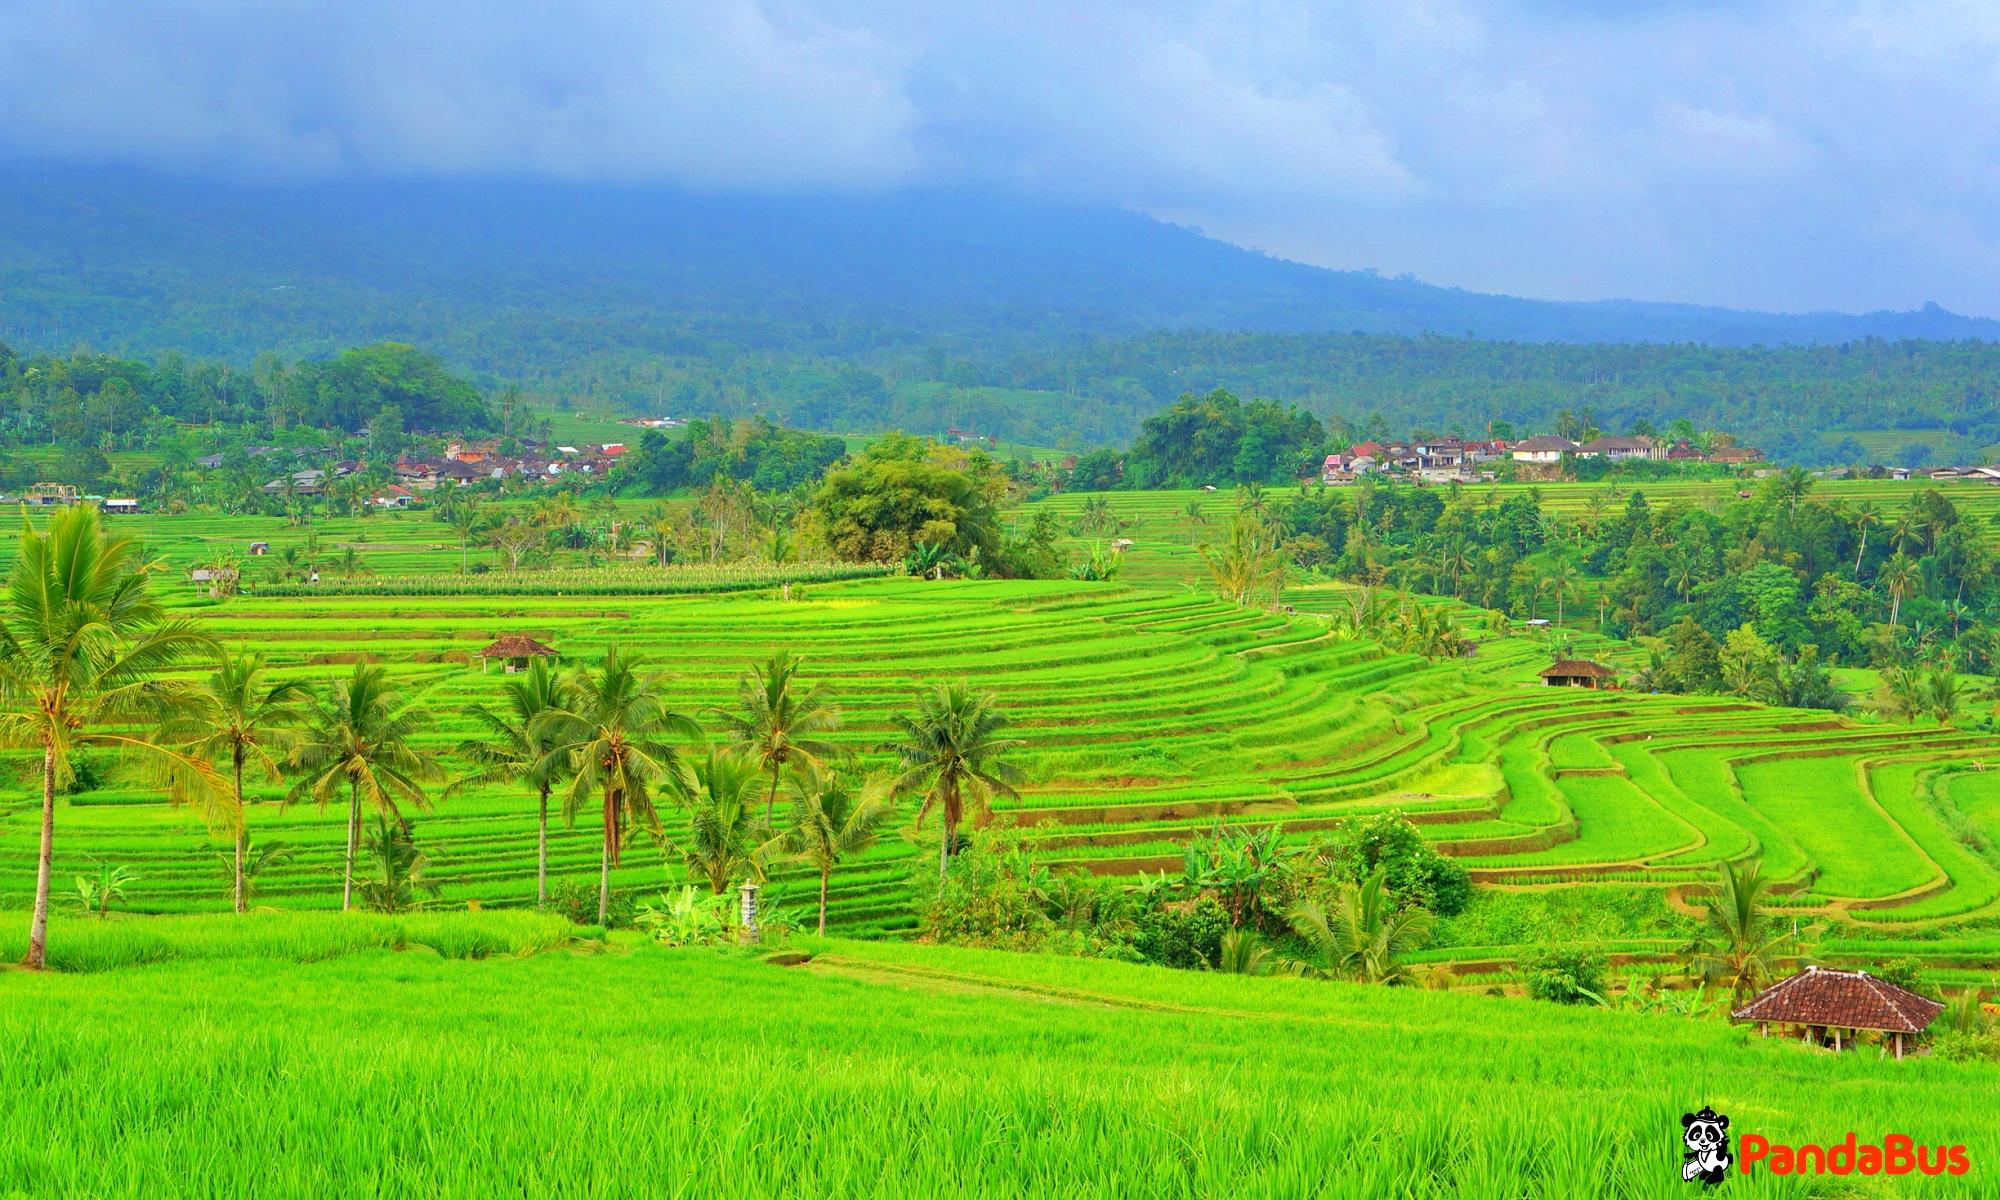 世界遺産『ジャティルイ(棚田)』見ながらインドネシア料理のご昼食 昼食後、ジャティルイ村散策